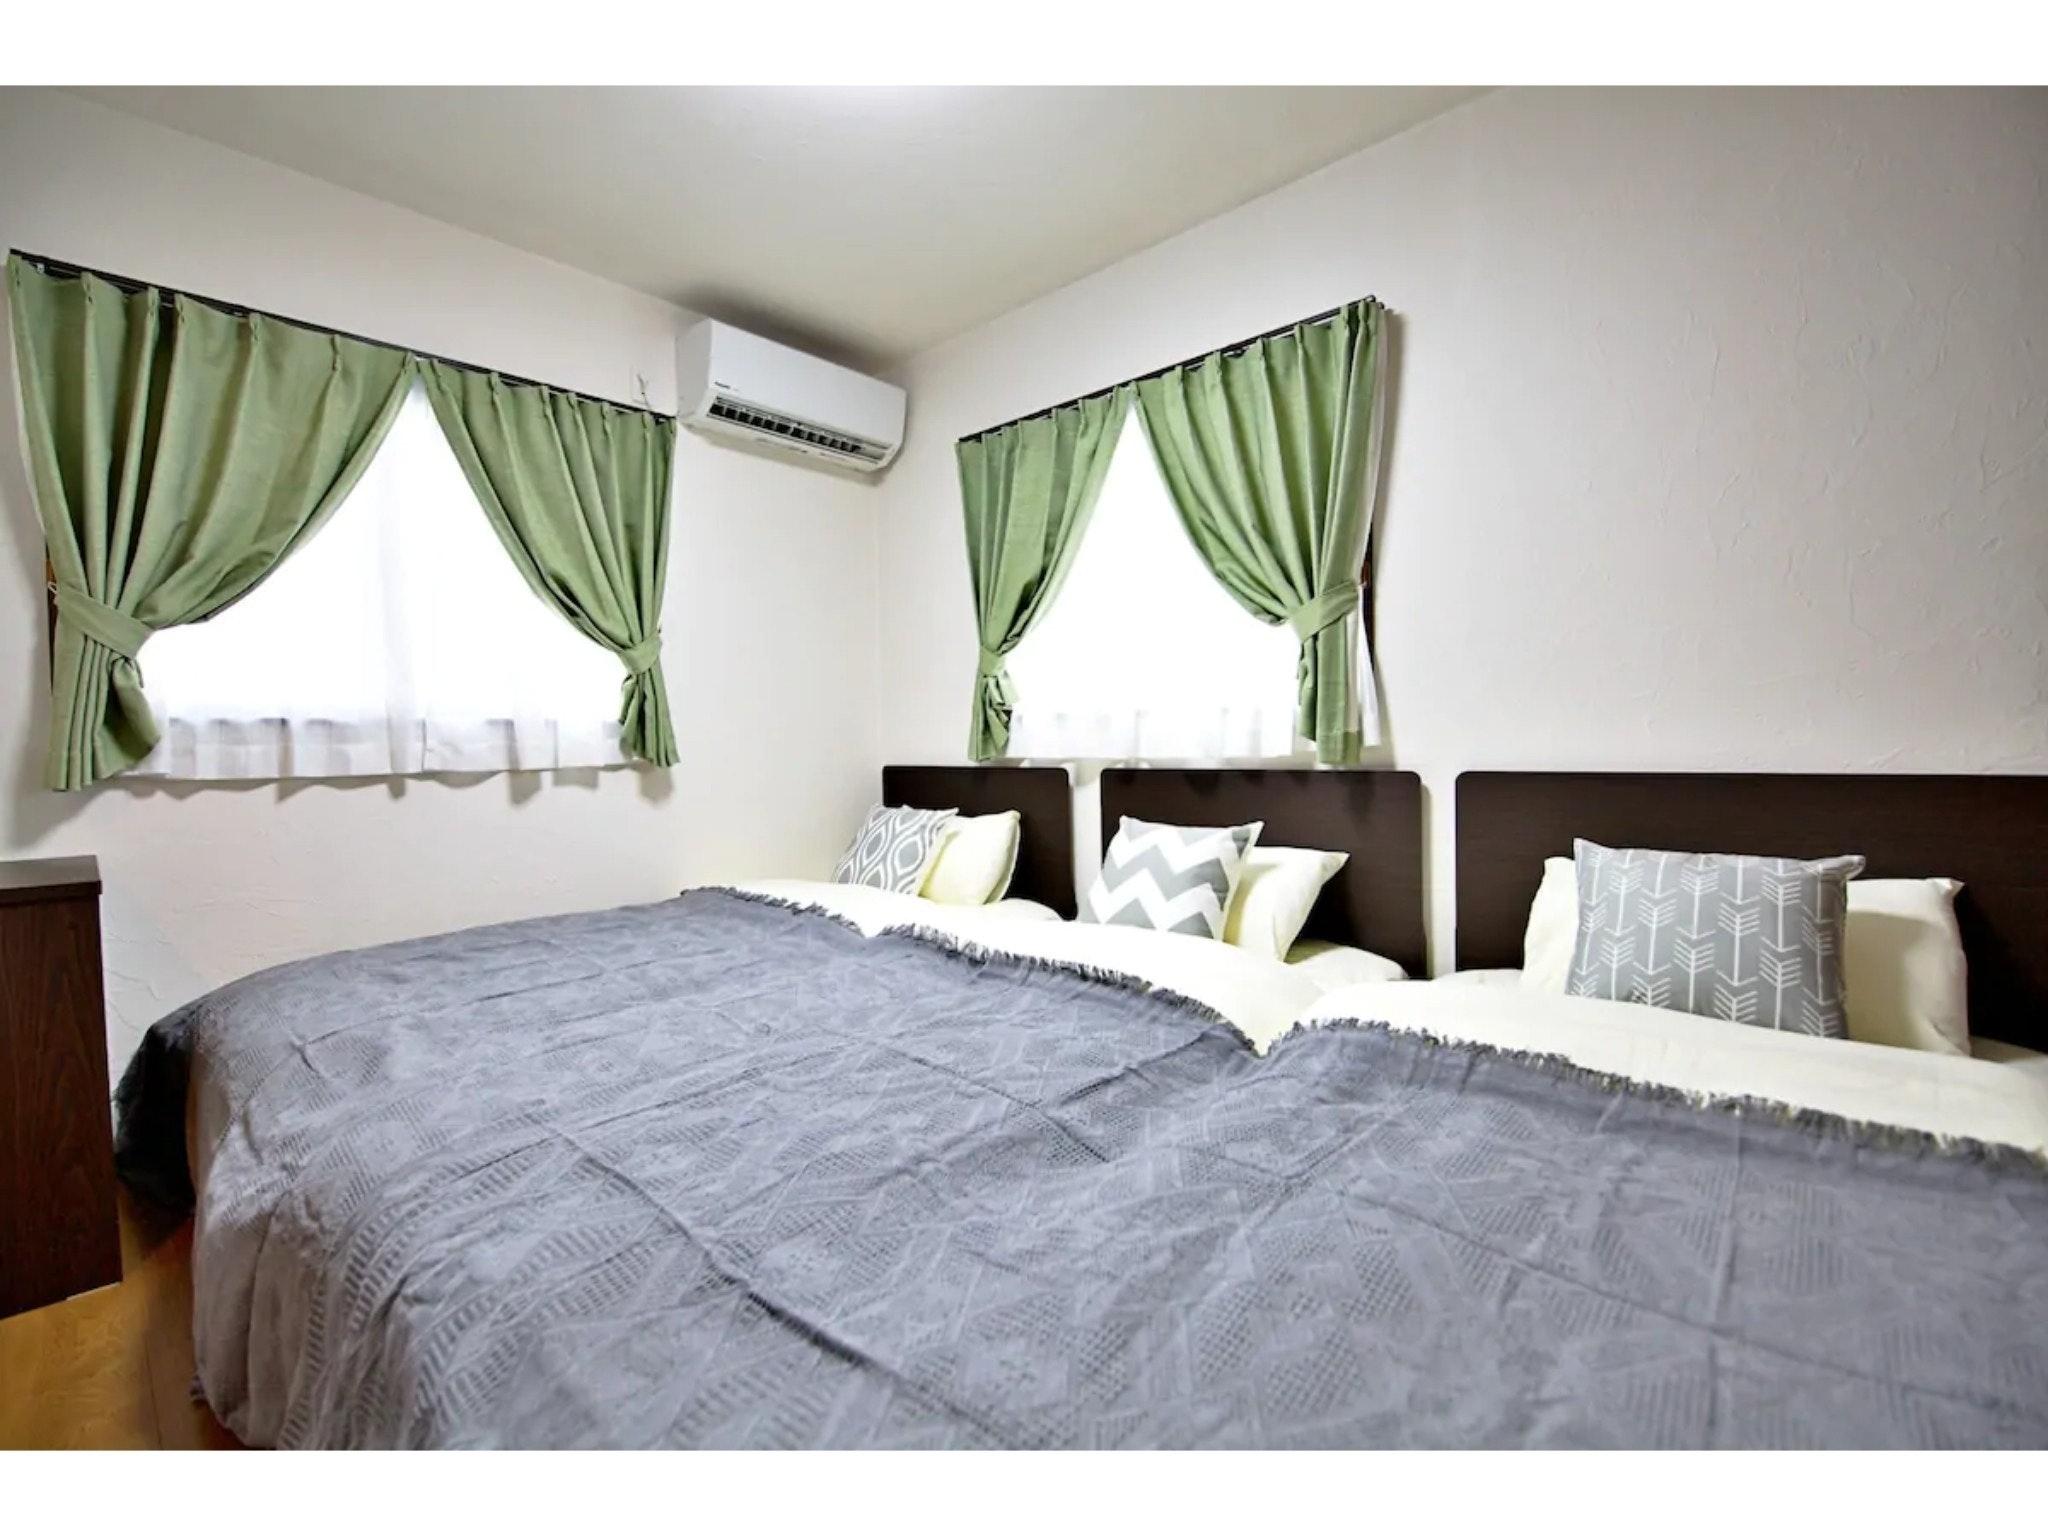 長期滞在・テレワークに最適のお部屋!無料wifi完備!最大11名が泊まれる一軒家♫